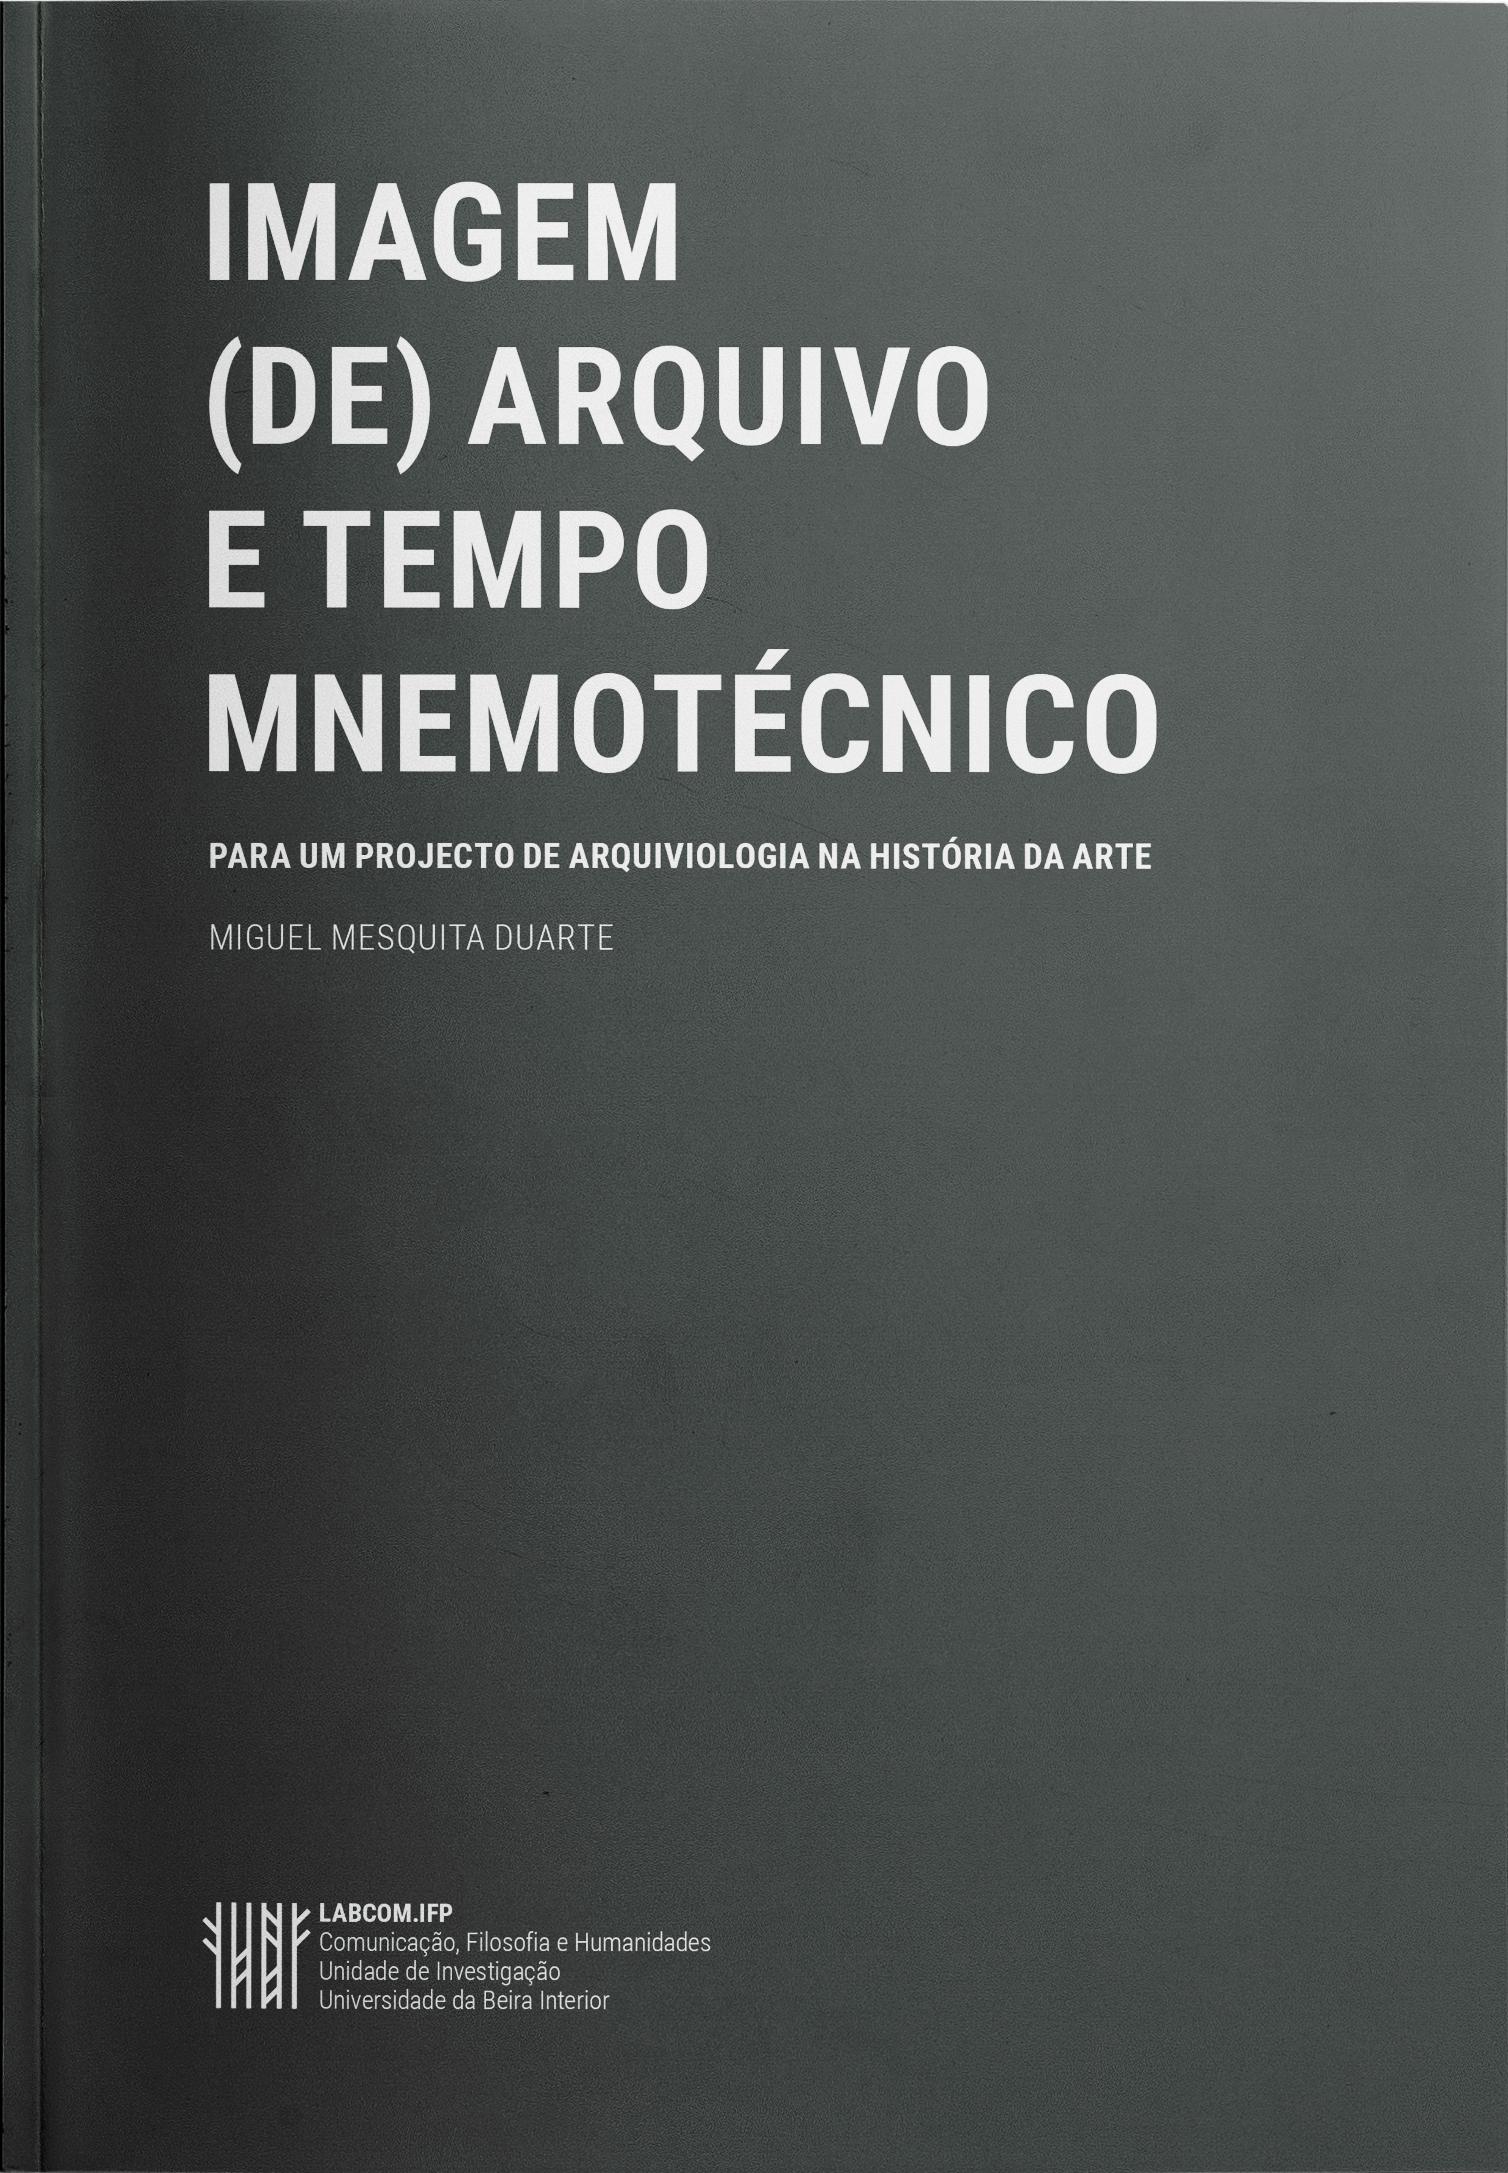 774a301b8 IMAGEM (DE) ARQUIVO E TEMPO MNEMOTÉCNICO